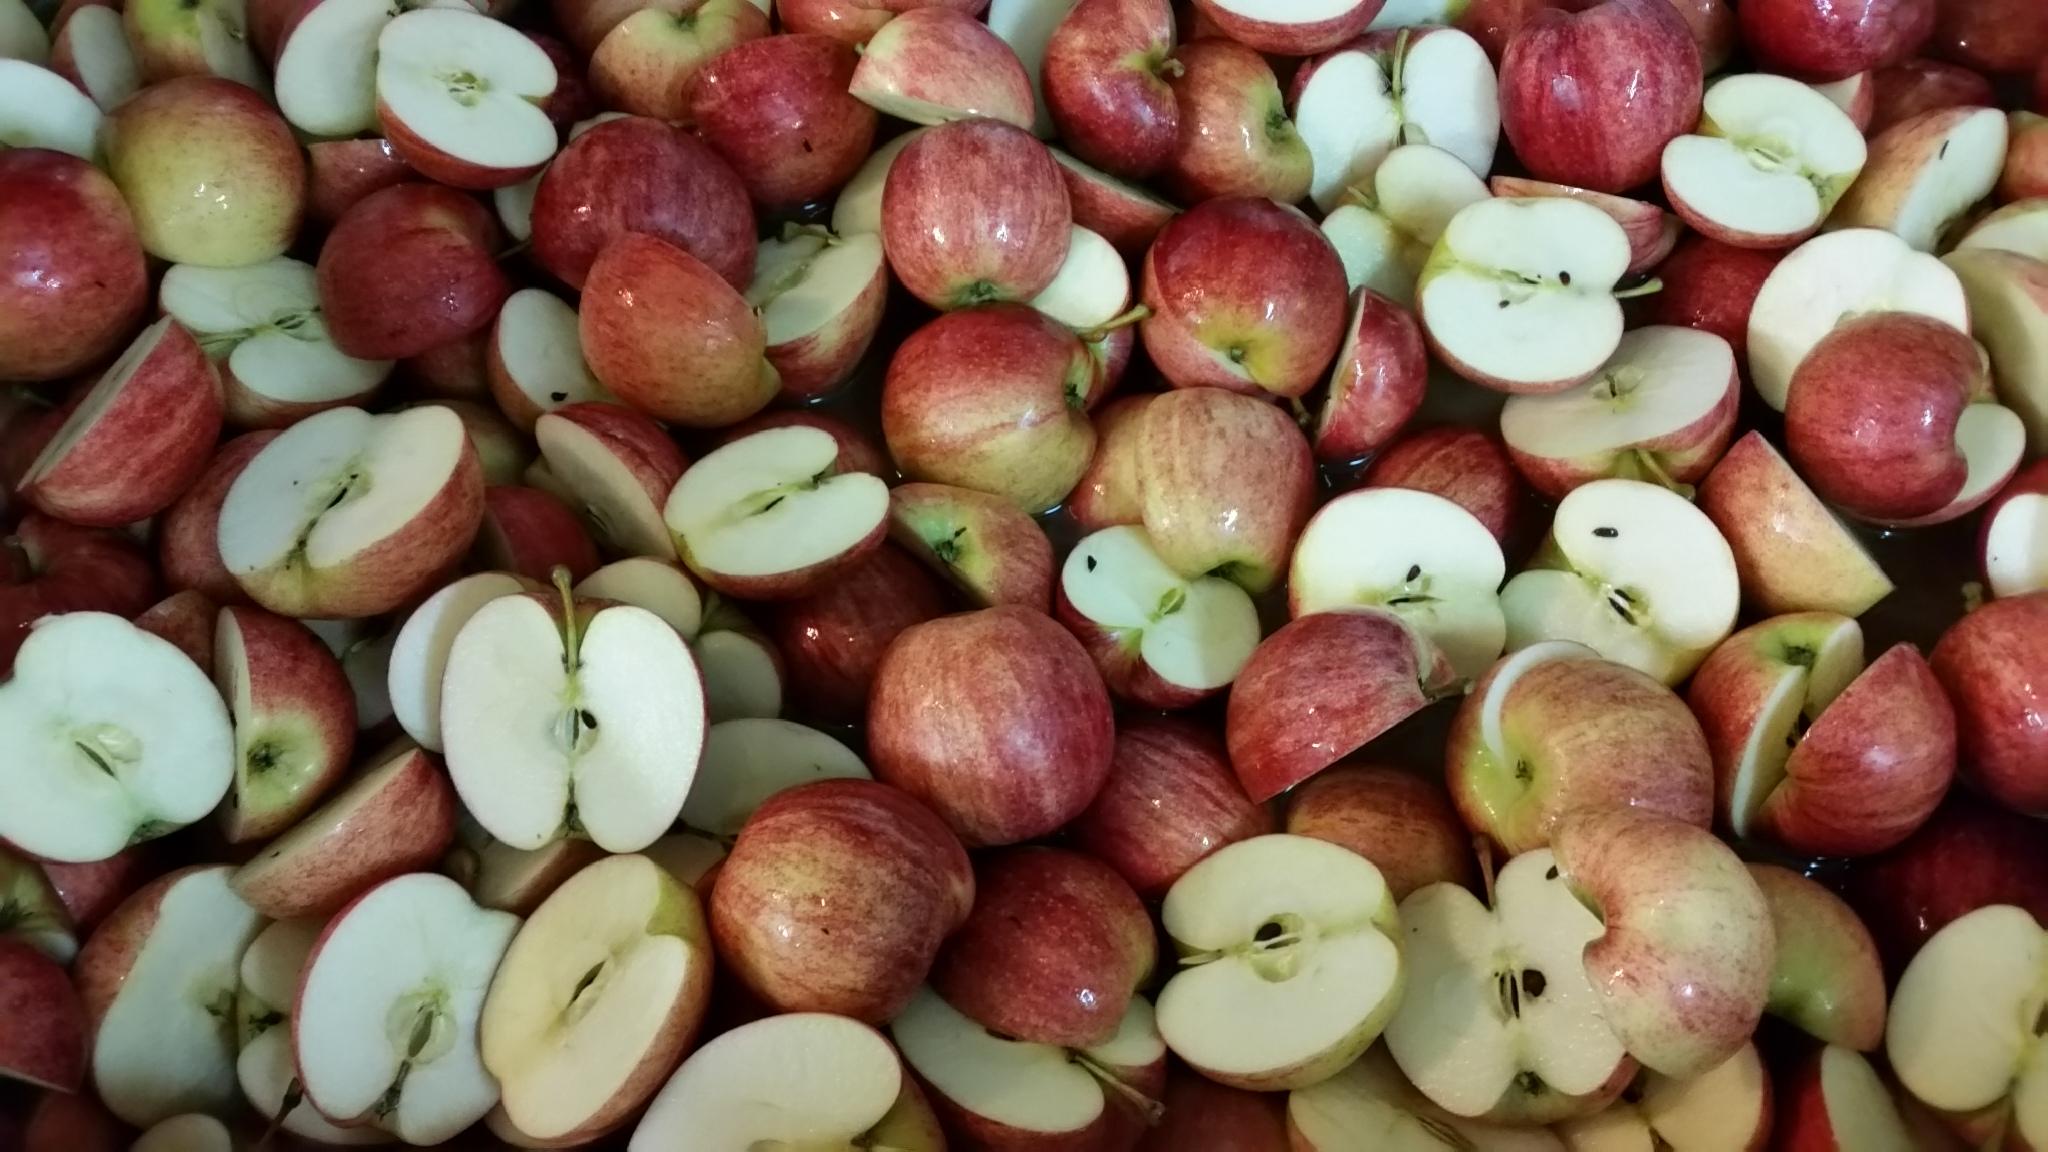 Fresh apples cut in half